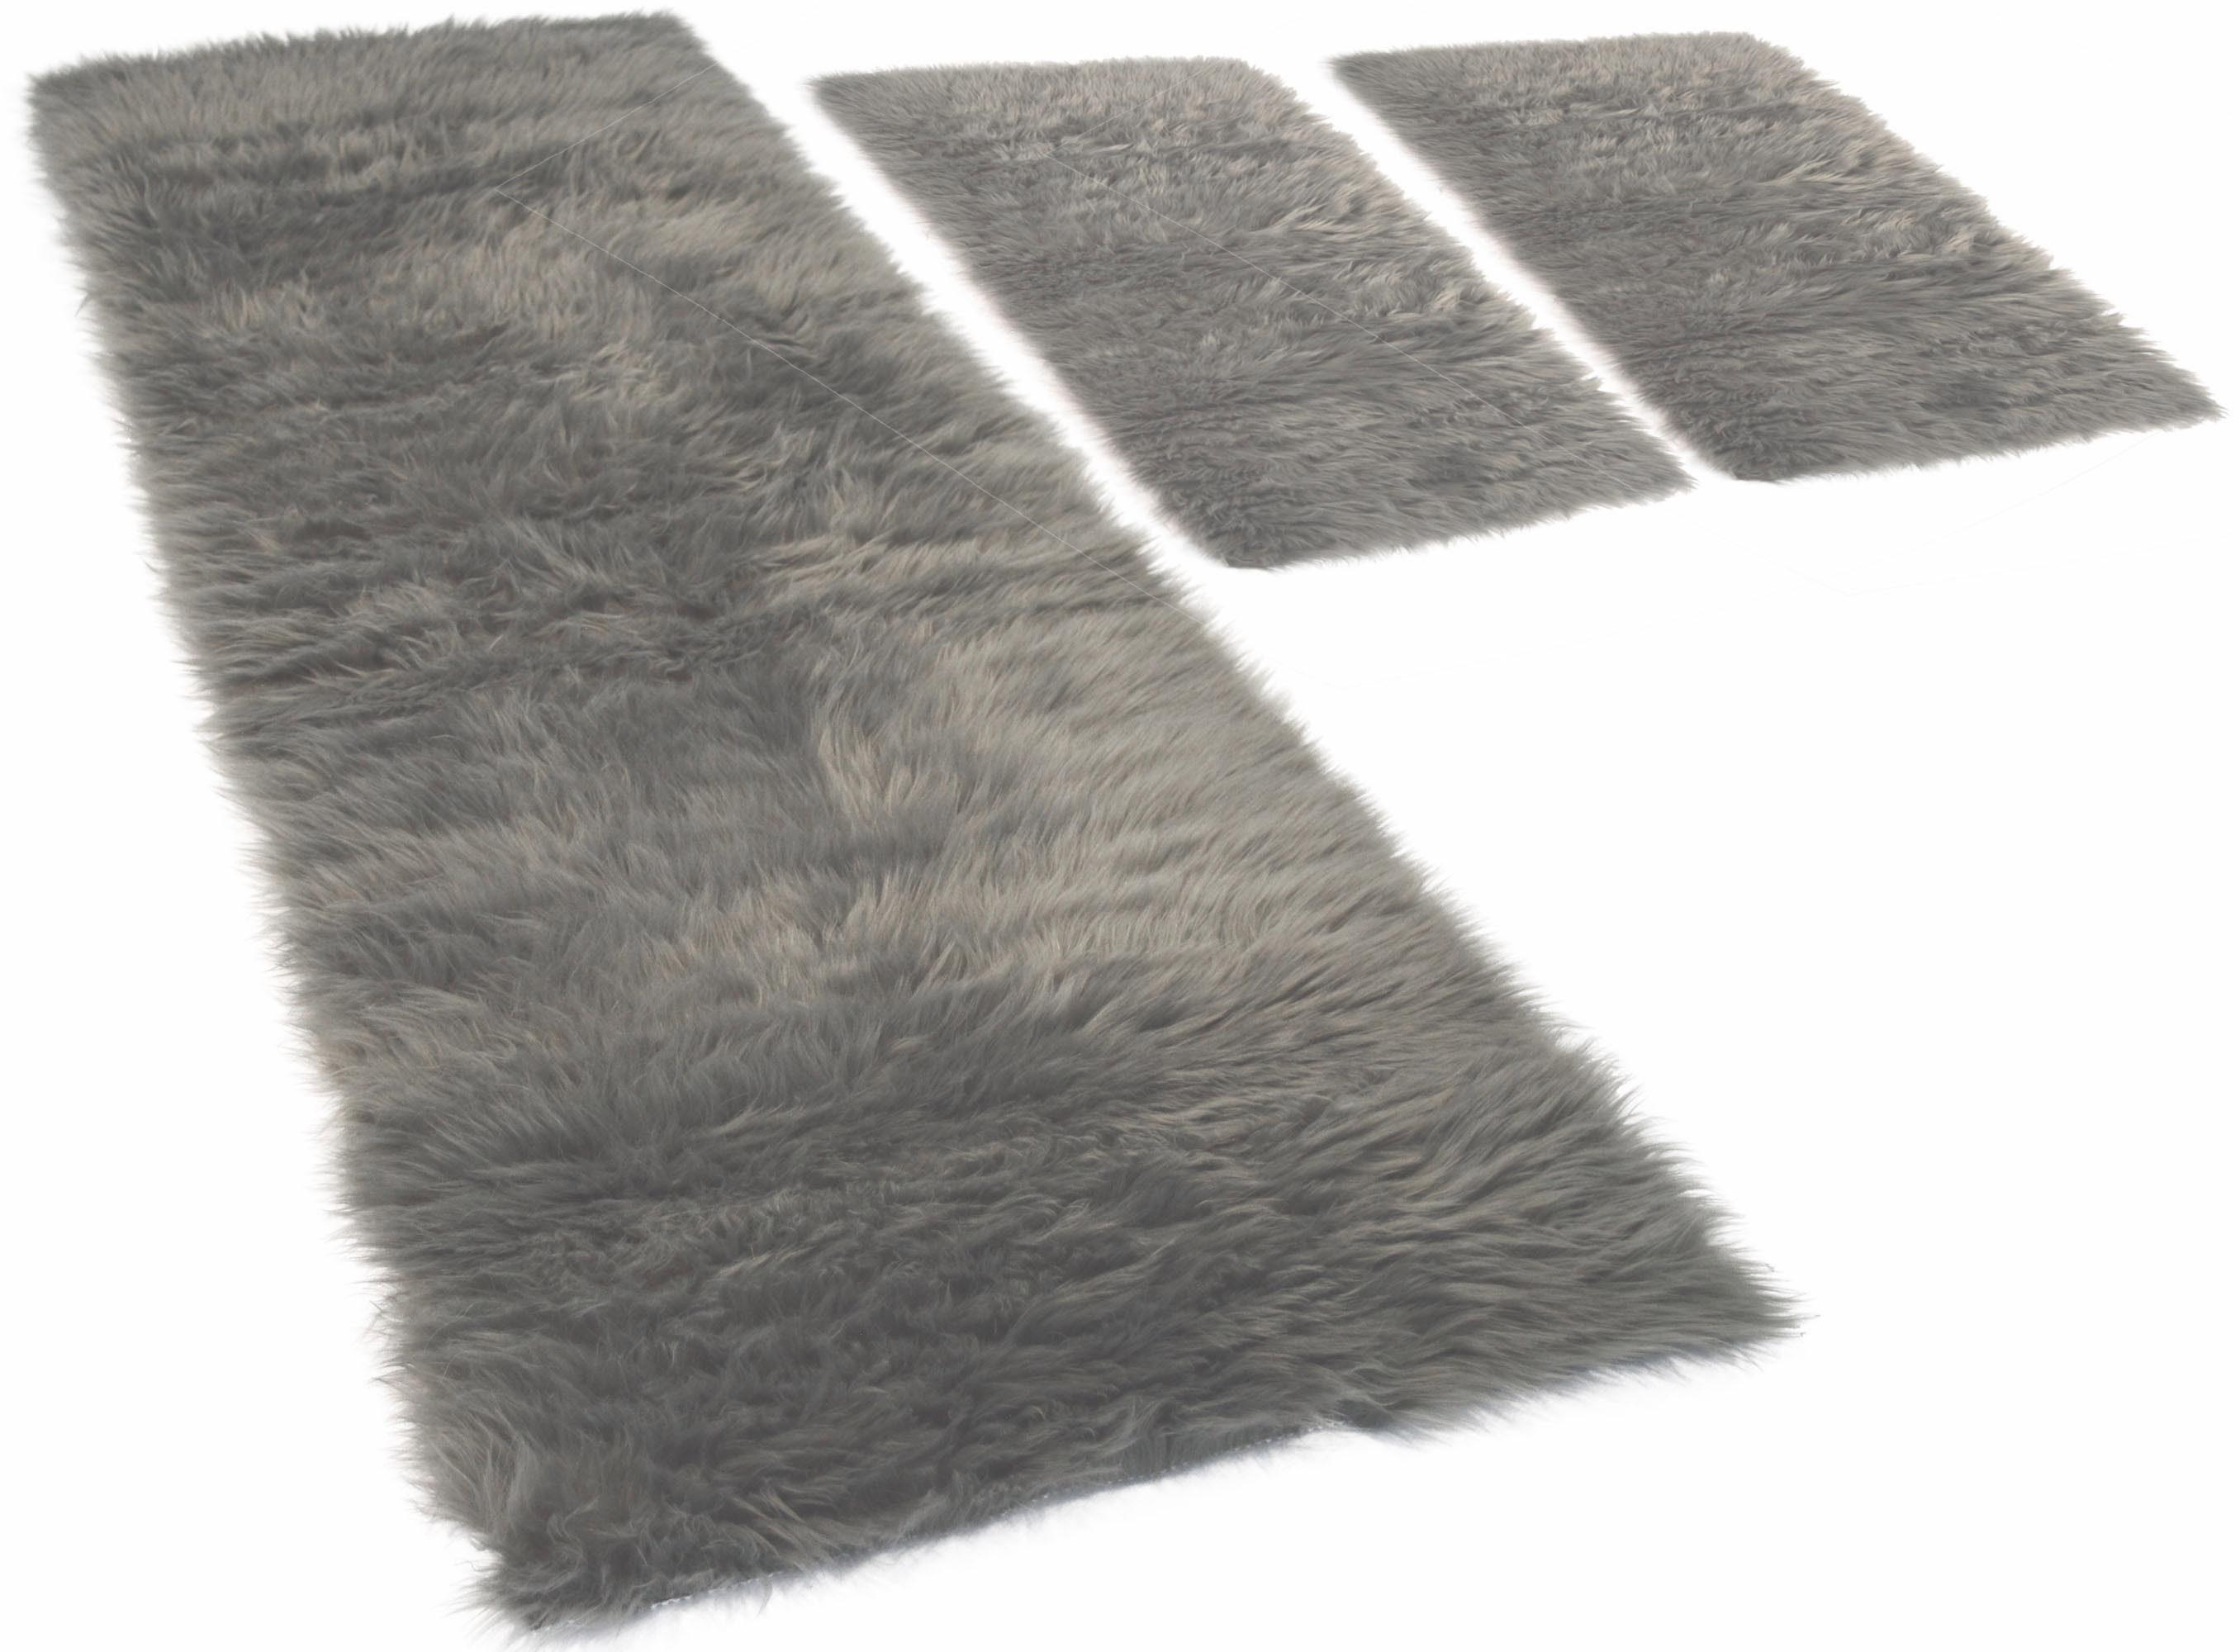 Teppich tierfell imitat kuhfell fellimitat teppich rinderfell